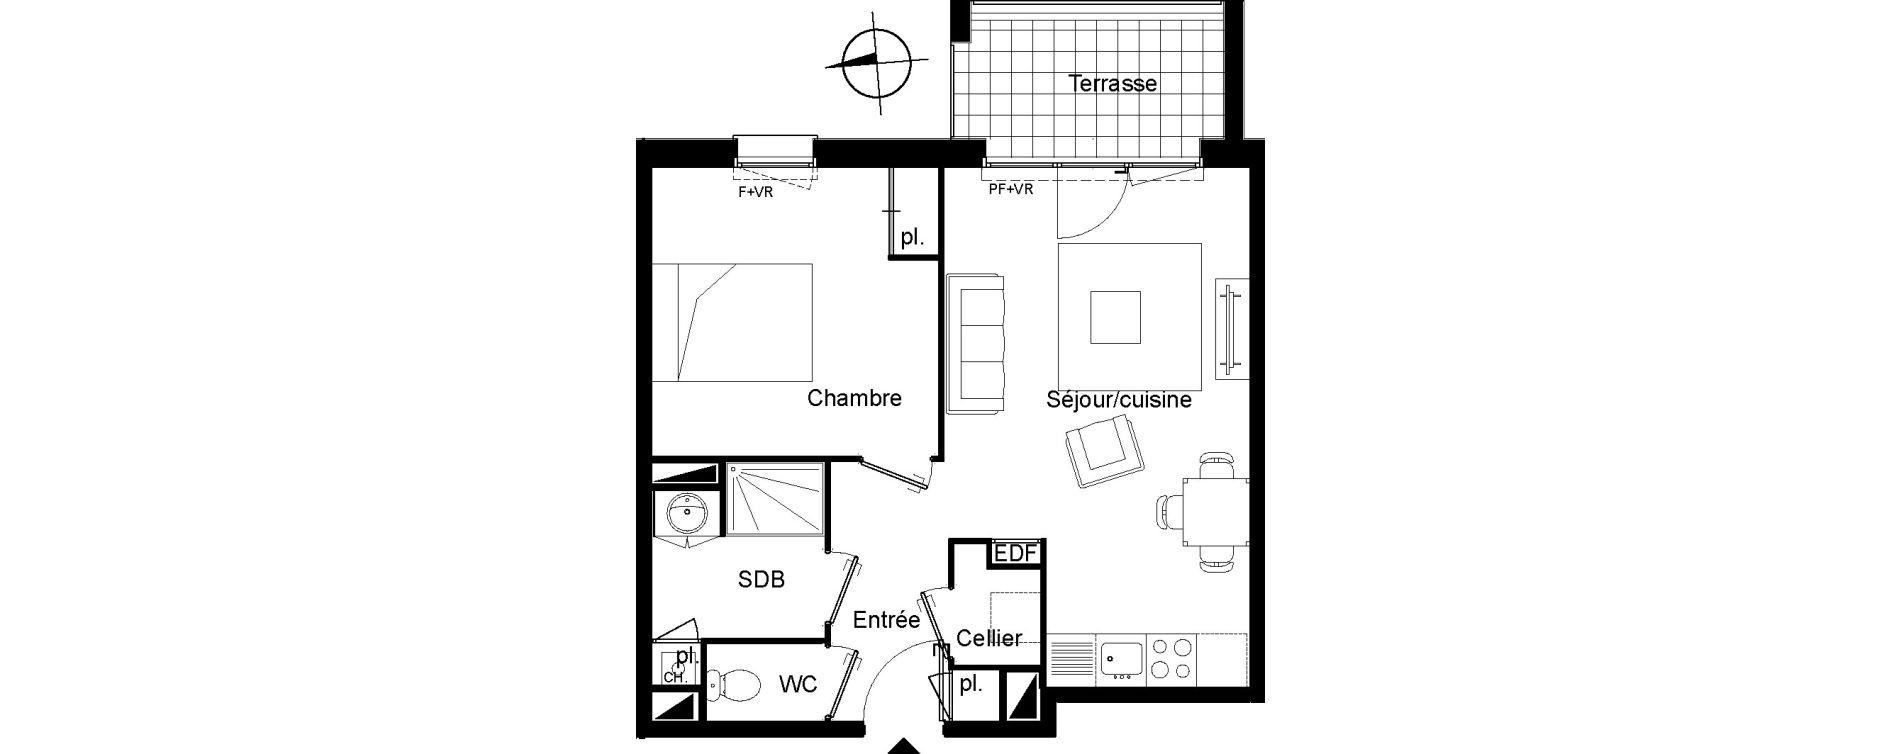 Appartement T2 de 44,32 m2 à Villenave-D'Ornon Le bocage